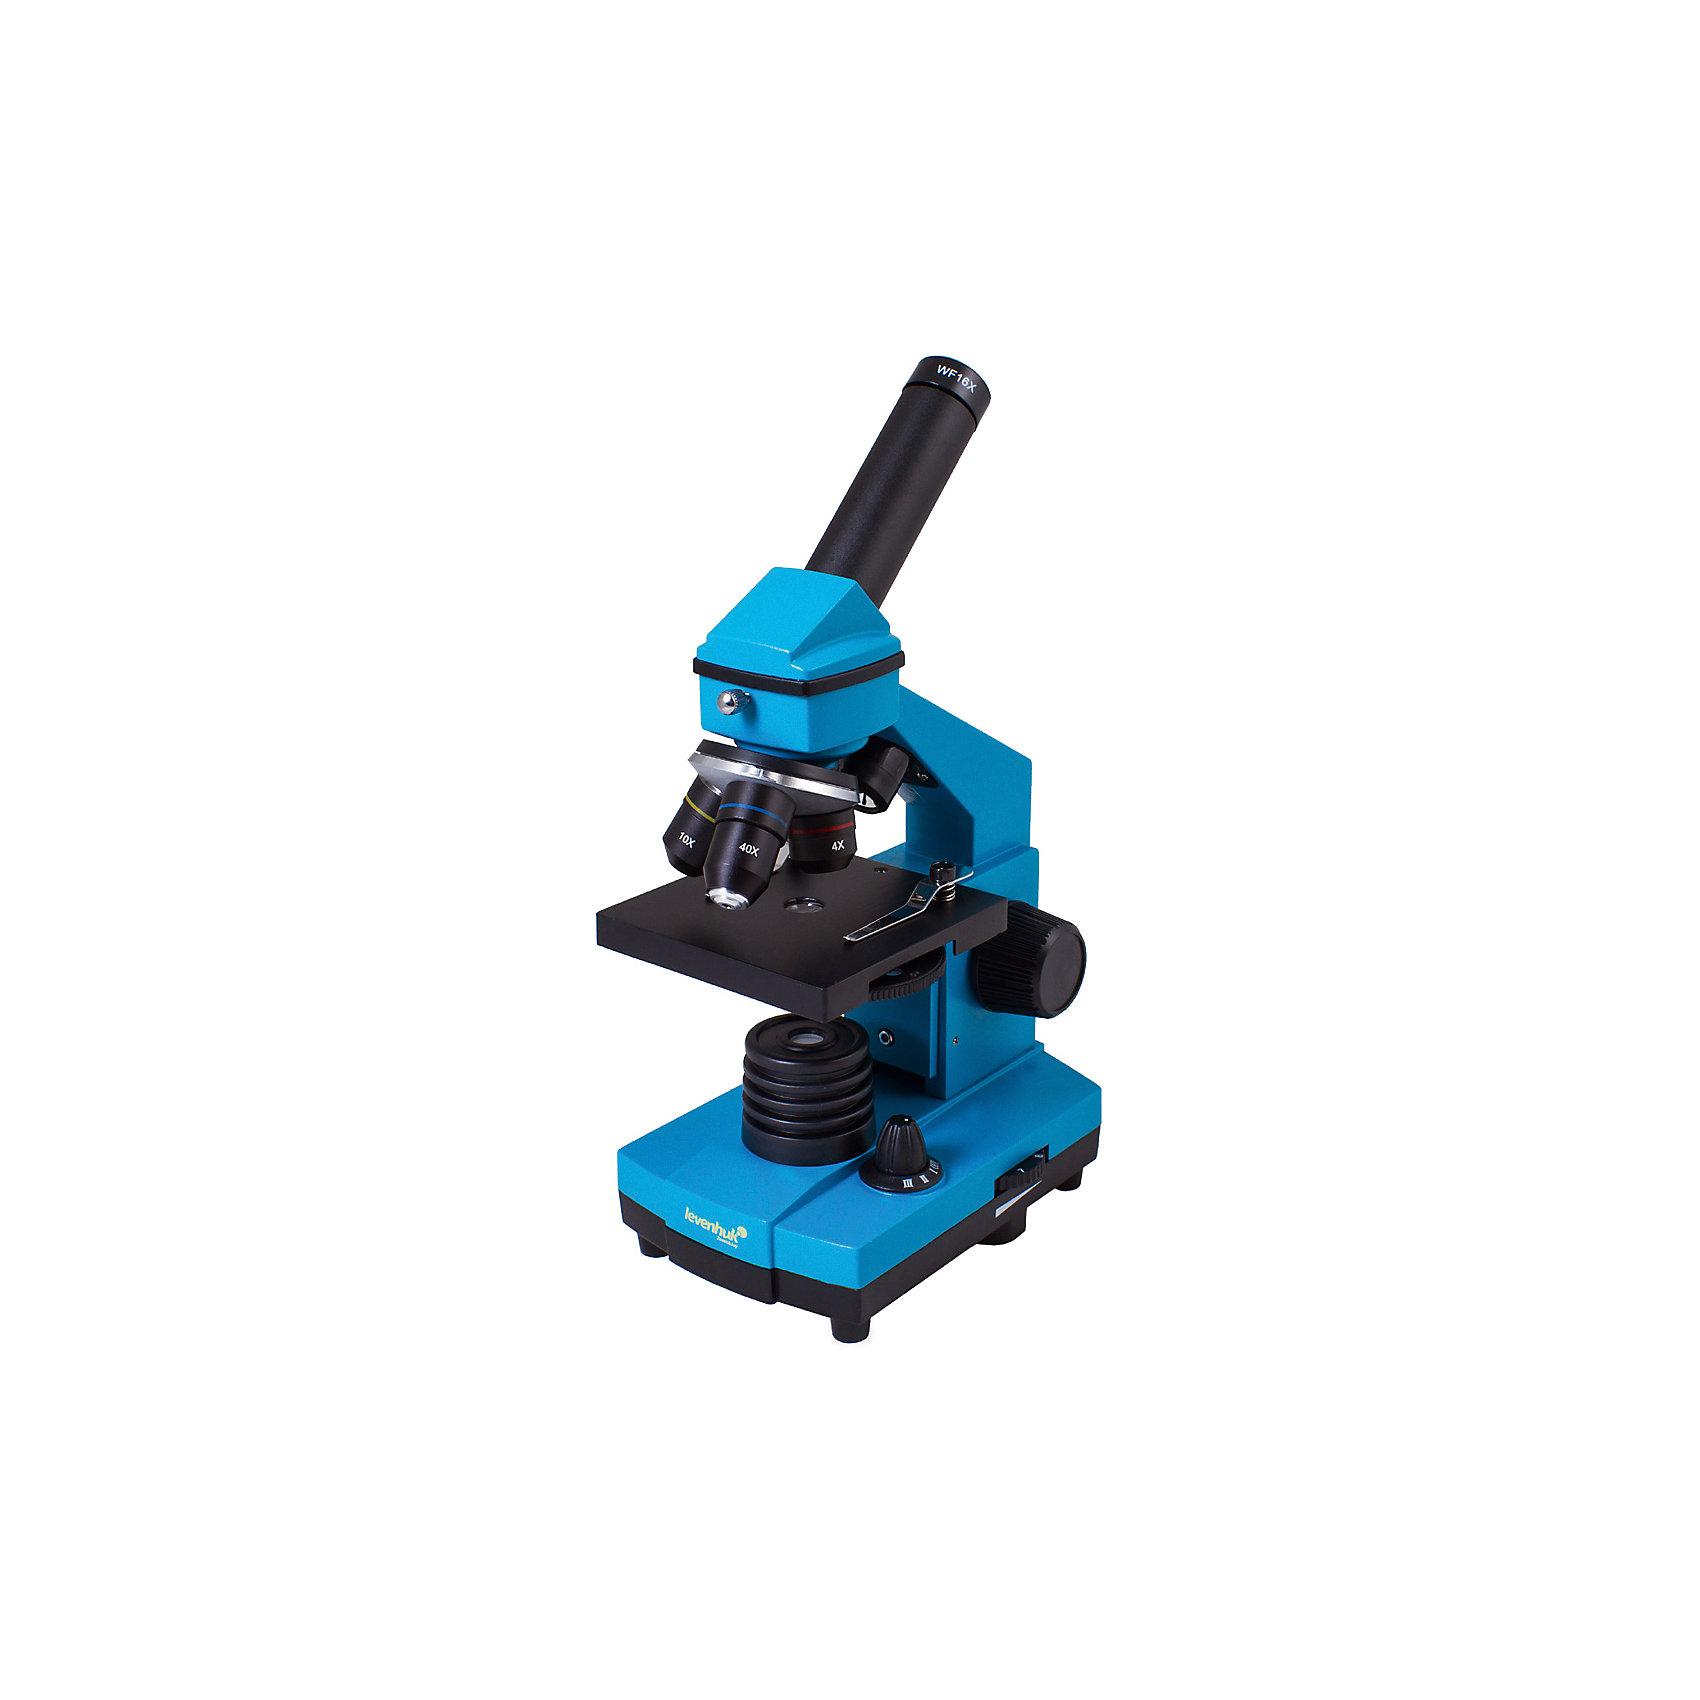 Микроскоп Levenhuk Rainbow 2L PLUS Azure\ЛазурьМикроскопы<br>Характеристики товара:<br><br>• материал: металл, пластик<br>• увеличение: до 640 крат<br>• набор для опытов в комплекте<br>• прочный металлический корпус<br>• подсветка: светодиод<br>• лампа работает от батареек 3хАА<br>• комплектация: микроскоп, объективы: 4х, 10х и 40хs, окуляр: WF16x, Предметный столик с зажимами, диск с диафрагмами, конденсор, встроенные нижний и верхний осветители на светодиодах, сетевой адаптер (питание 220 В, 50 Гц), инструкция по эксплуатации и гарантийный талон, пинцет, инкубатор для артемии, микротом, флакон с дрожжами, флакон со смолой для изготовления препаратов, флакон с морской солью, флакон с артемией (морским рачком), 5 готовых образцов и 5 чистых предметных стекол, пипетка, пылезащитный чехол<br>• страна бренда: США<br>• страна производства: КНР<br><br>Собственный микроскоп - это отличный способ заинтересовать ребенка наукой и привить ему интерес к учебе. Эта модель микроскопа была разработана специально для детей - он позволяет увеличивать препарат в 640 крат, с помощью этого дети могут исследовать состав и структуру разнообразных предметов, веществ и организмов. Благодаря стильному дизайну этот микроскоп отлично вписывается в интерьер!<br><br>Оптические приборы от американской компании Levenhuk уже успели зарекомендовать себя как качественная и надежная продукция. Для их производства используются только безопасные и проверенные материалы. Такой прибор способен прослужить долго. Подарите ребенку интересную и полезную вещь!<br><br>Микроскоп Levenhuk Rainbow 2L PLUS Azure\Лазурь от известного бренда Levenhuk (Левенгук) можно купить в нашем интернет-магазине.<br><br>Ширина мм: 230<br>Глубина мм: 150<br>Высота мм: 370<br>Вес г: 1840<br>Возраст от месяцев: 60<br>Возраст до месяцев: 2147483647<br>Пол: Унисекс<br>Возраст: Детский<br>SKU: 5435276